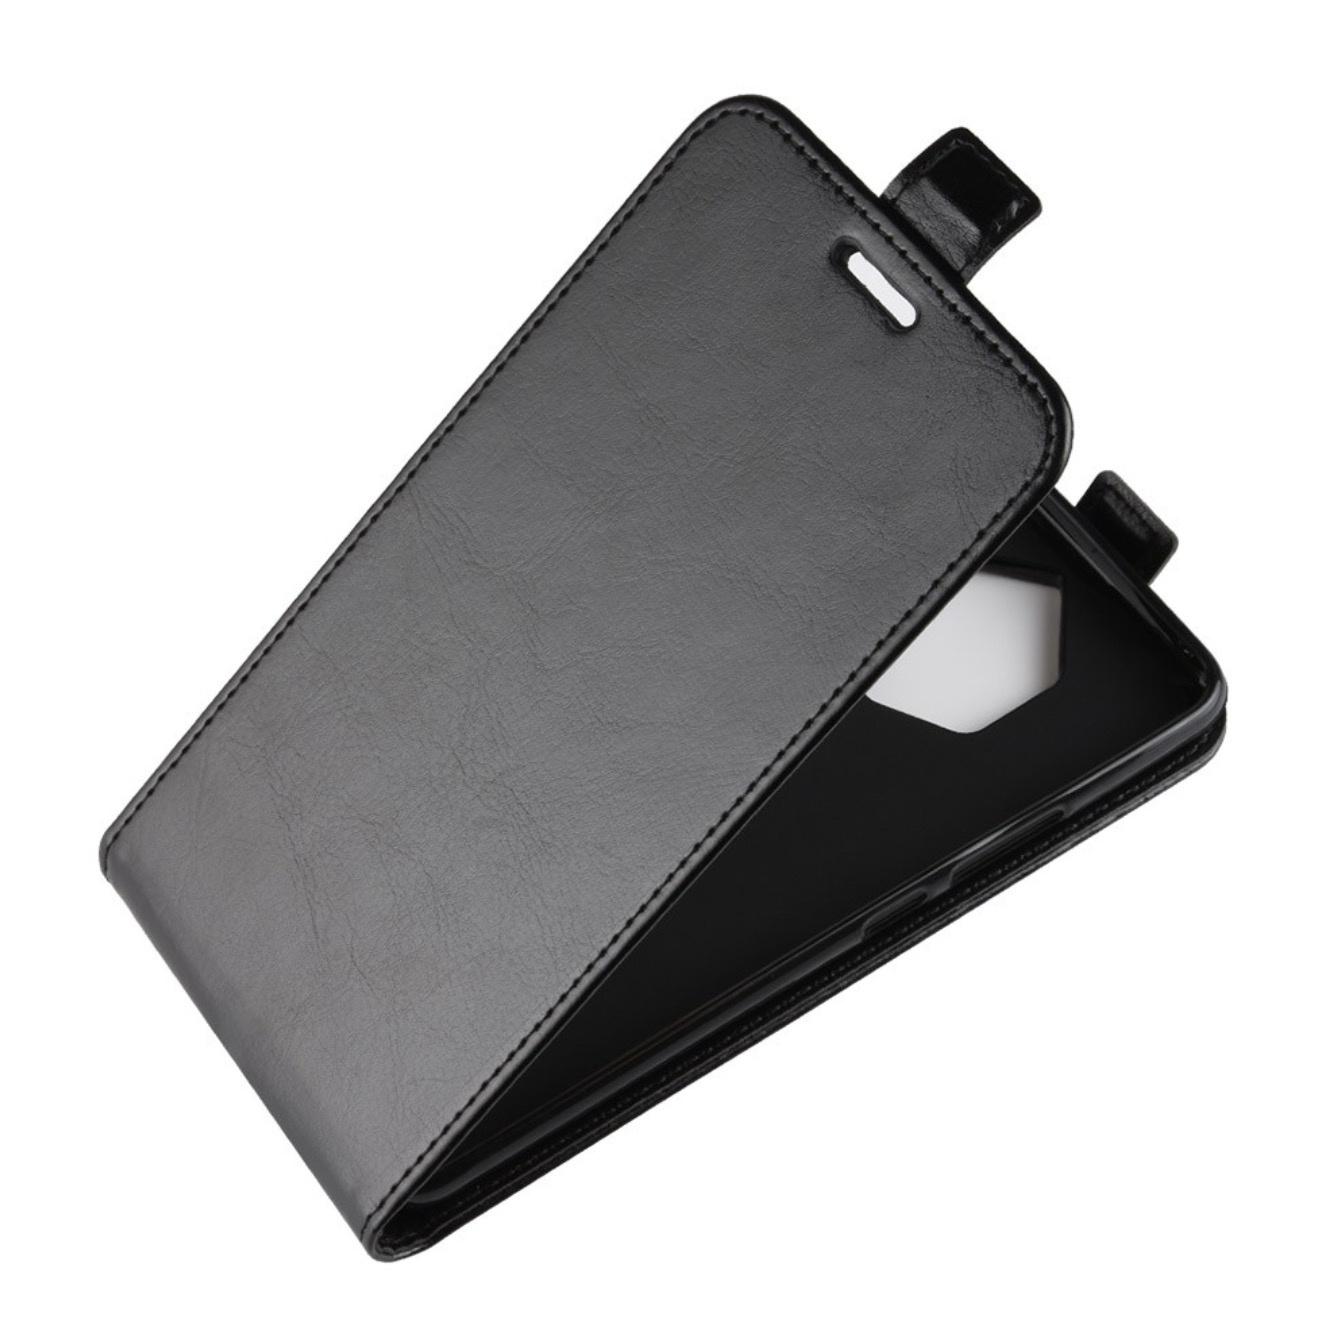 Чехол-флип MyPads для Acer Liquid Z410 вертикальный откидной черный